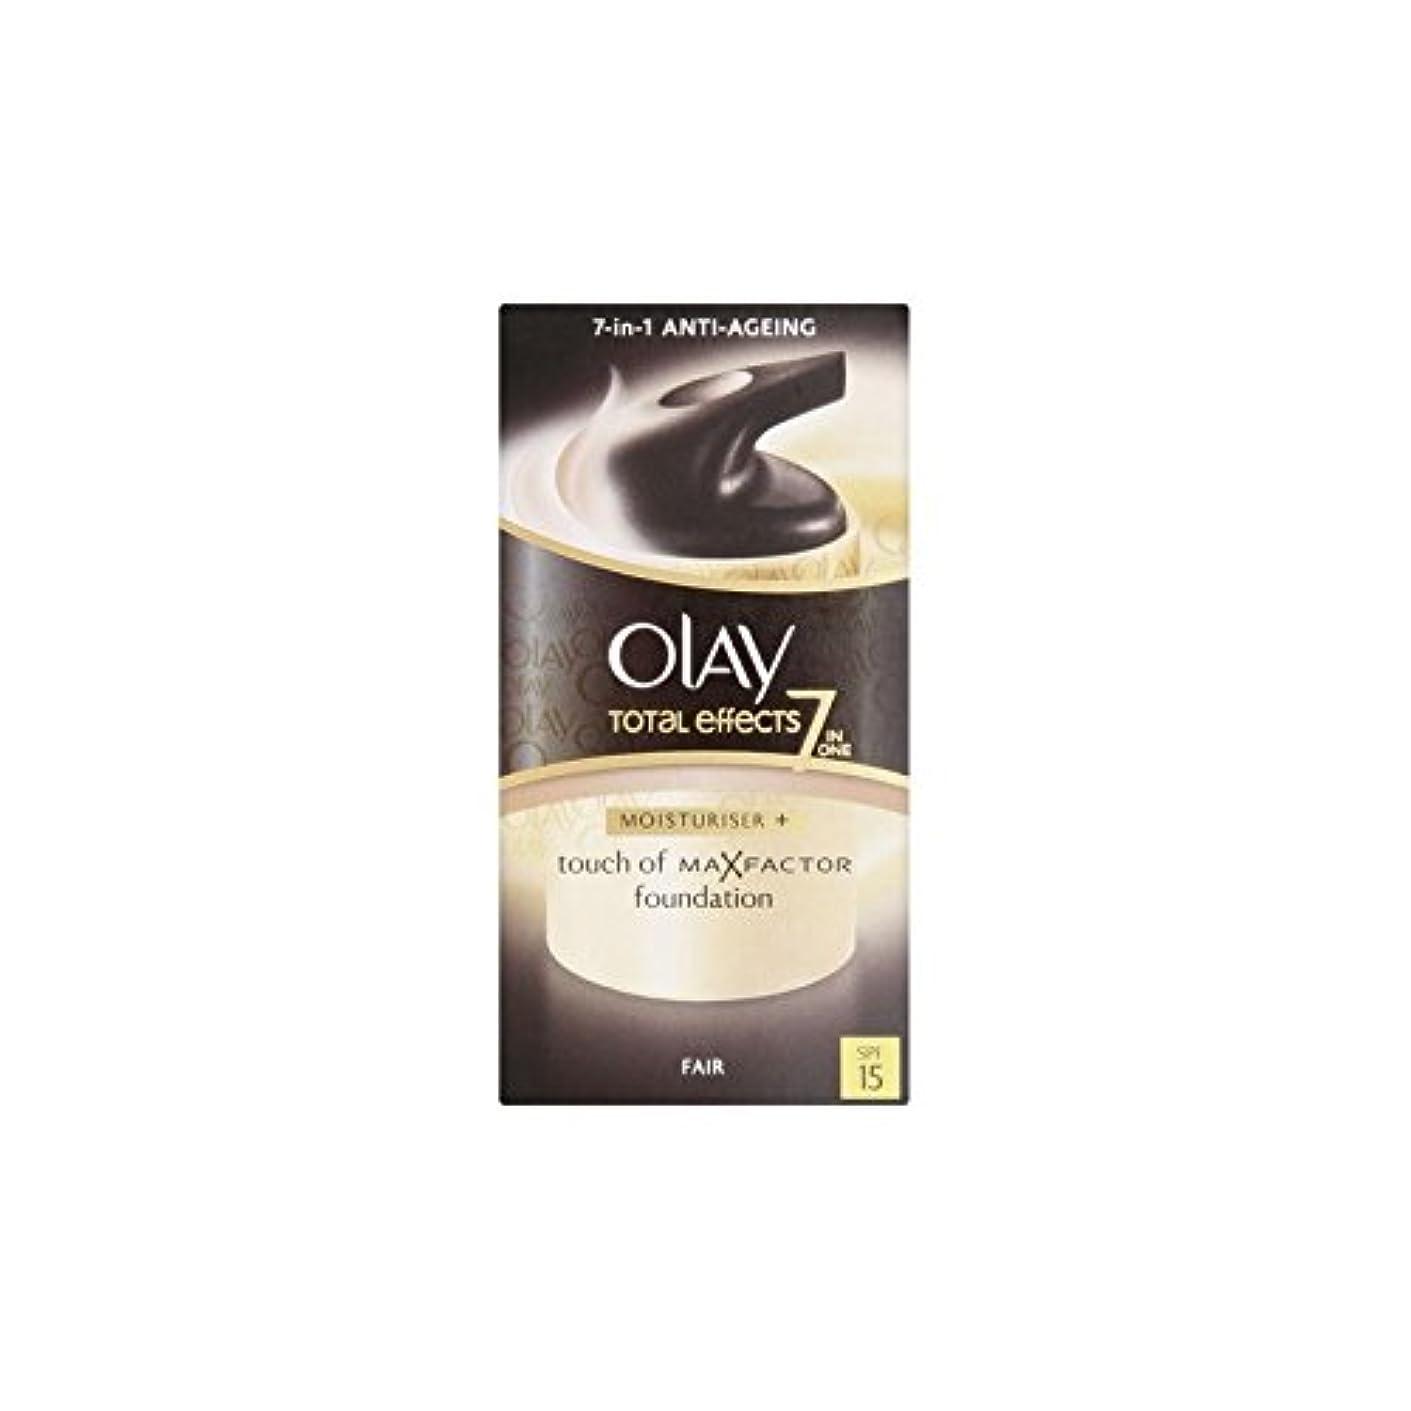 ドア酸化物有望オーレイトータルエフェクト保湿クリーム15 - フェア(50ミリリットル) x4 - Olay Total Effects Moisturiser Bb Cream Spf15 - Fair (50ml) (Pack of...